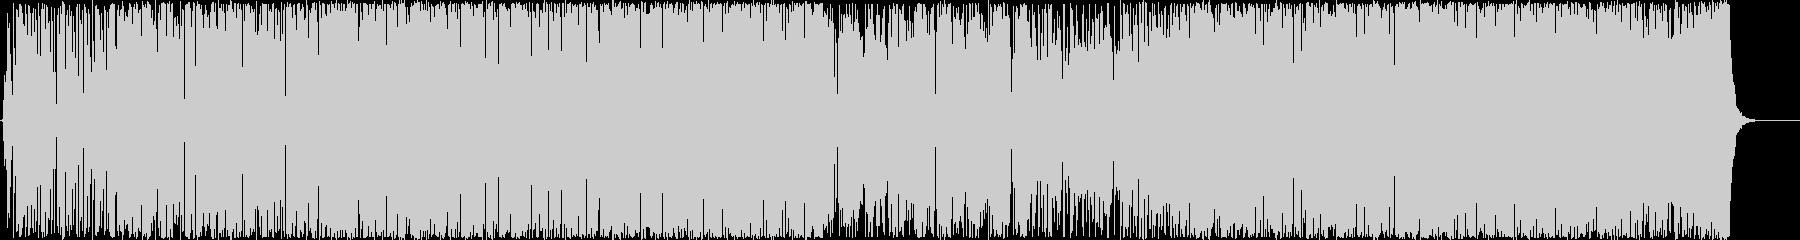 ピコピコEDM-BGMダンスPV等の未再生の波形